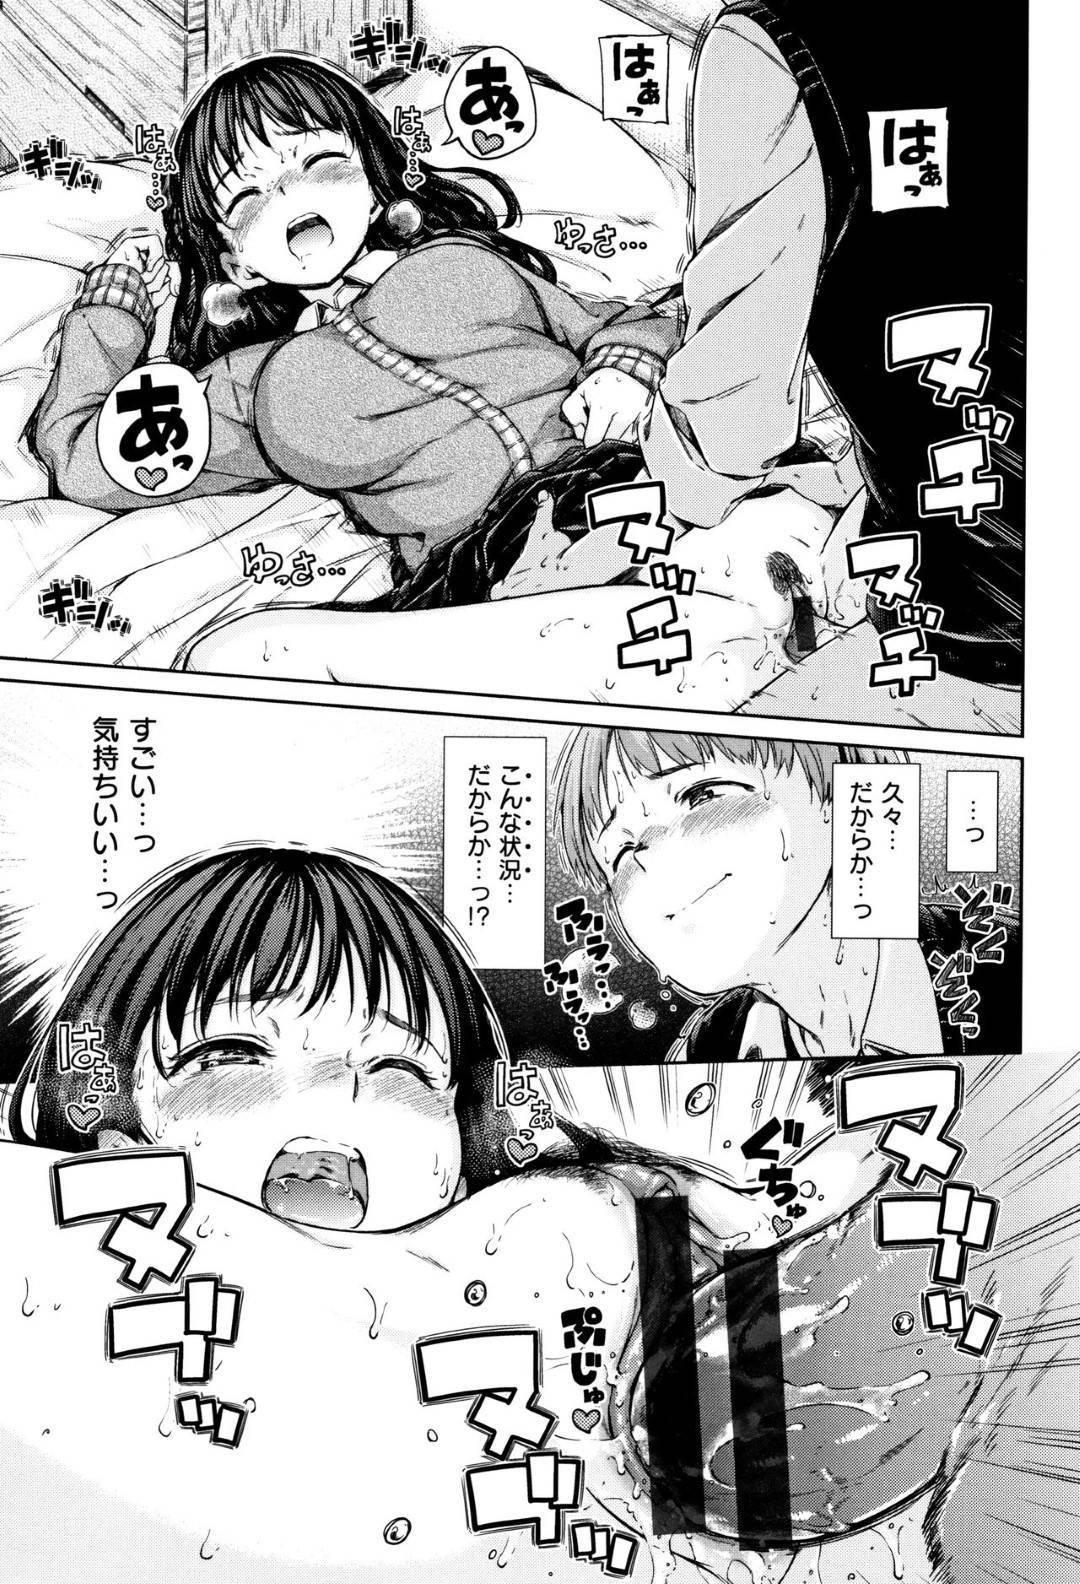 【エロ漫画】寝ている振りをしているところを彼氏に欲情された彼女の清楚系JK…思惑通り彼にクンニや全身を舐められた彼女はそのまま正常位でチンポを生挿入されてイチャラブセックス!【Hamao:Look at me!】